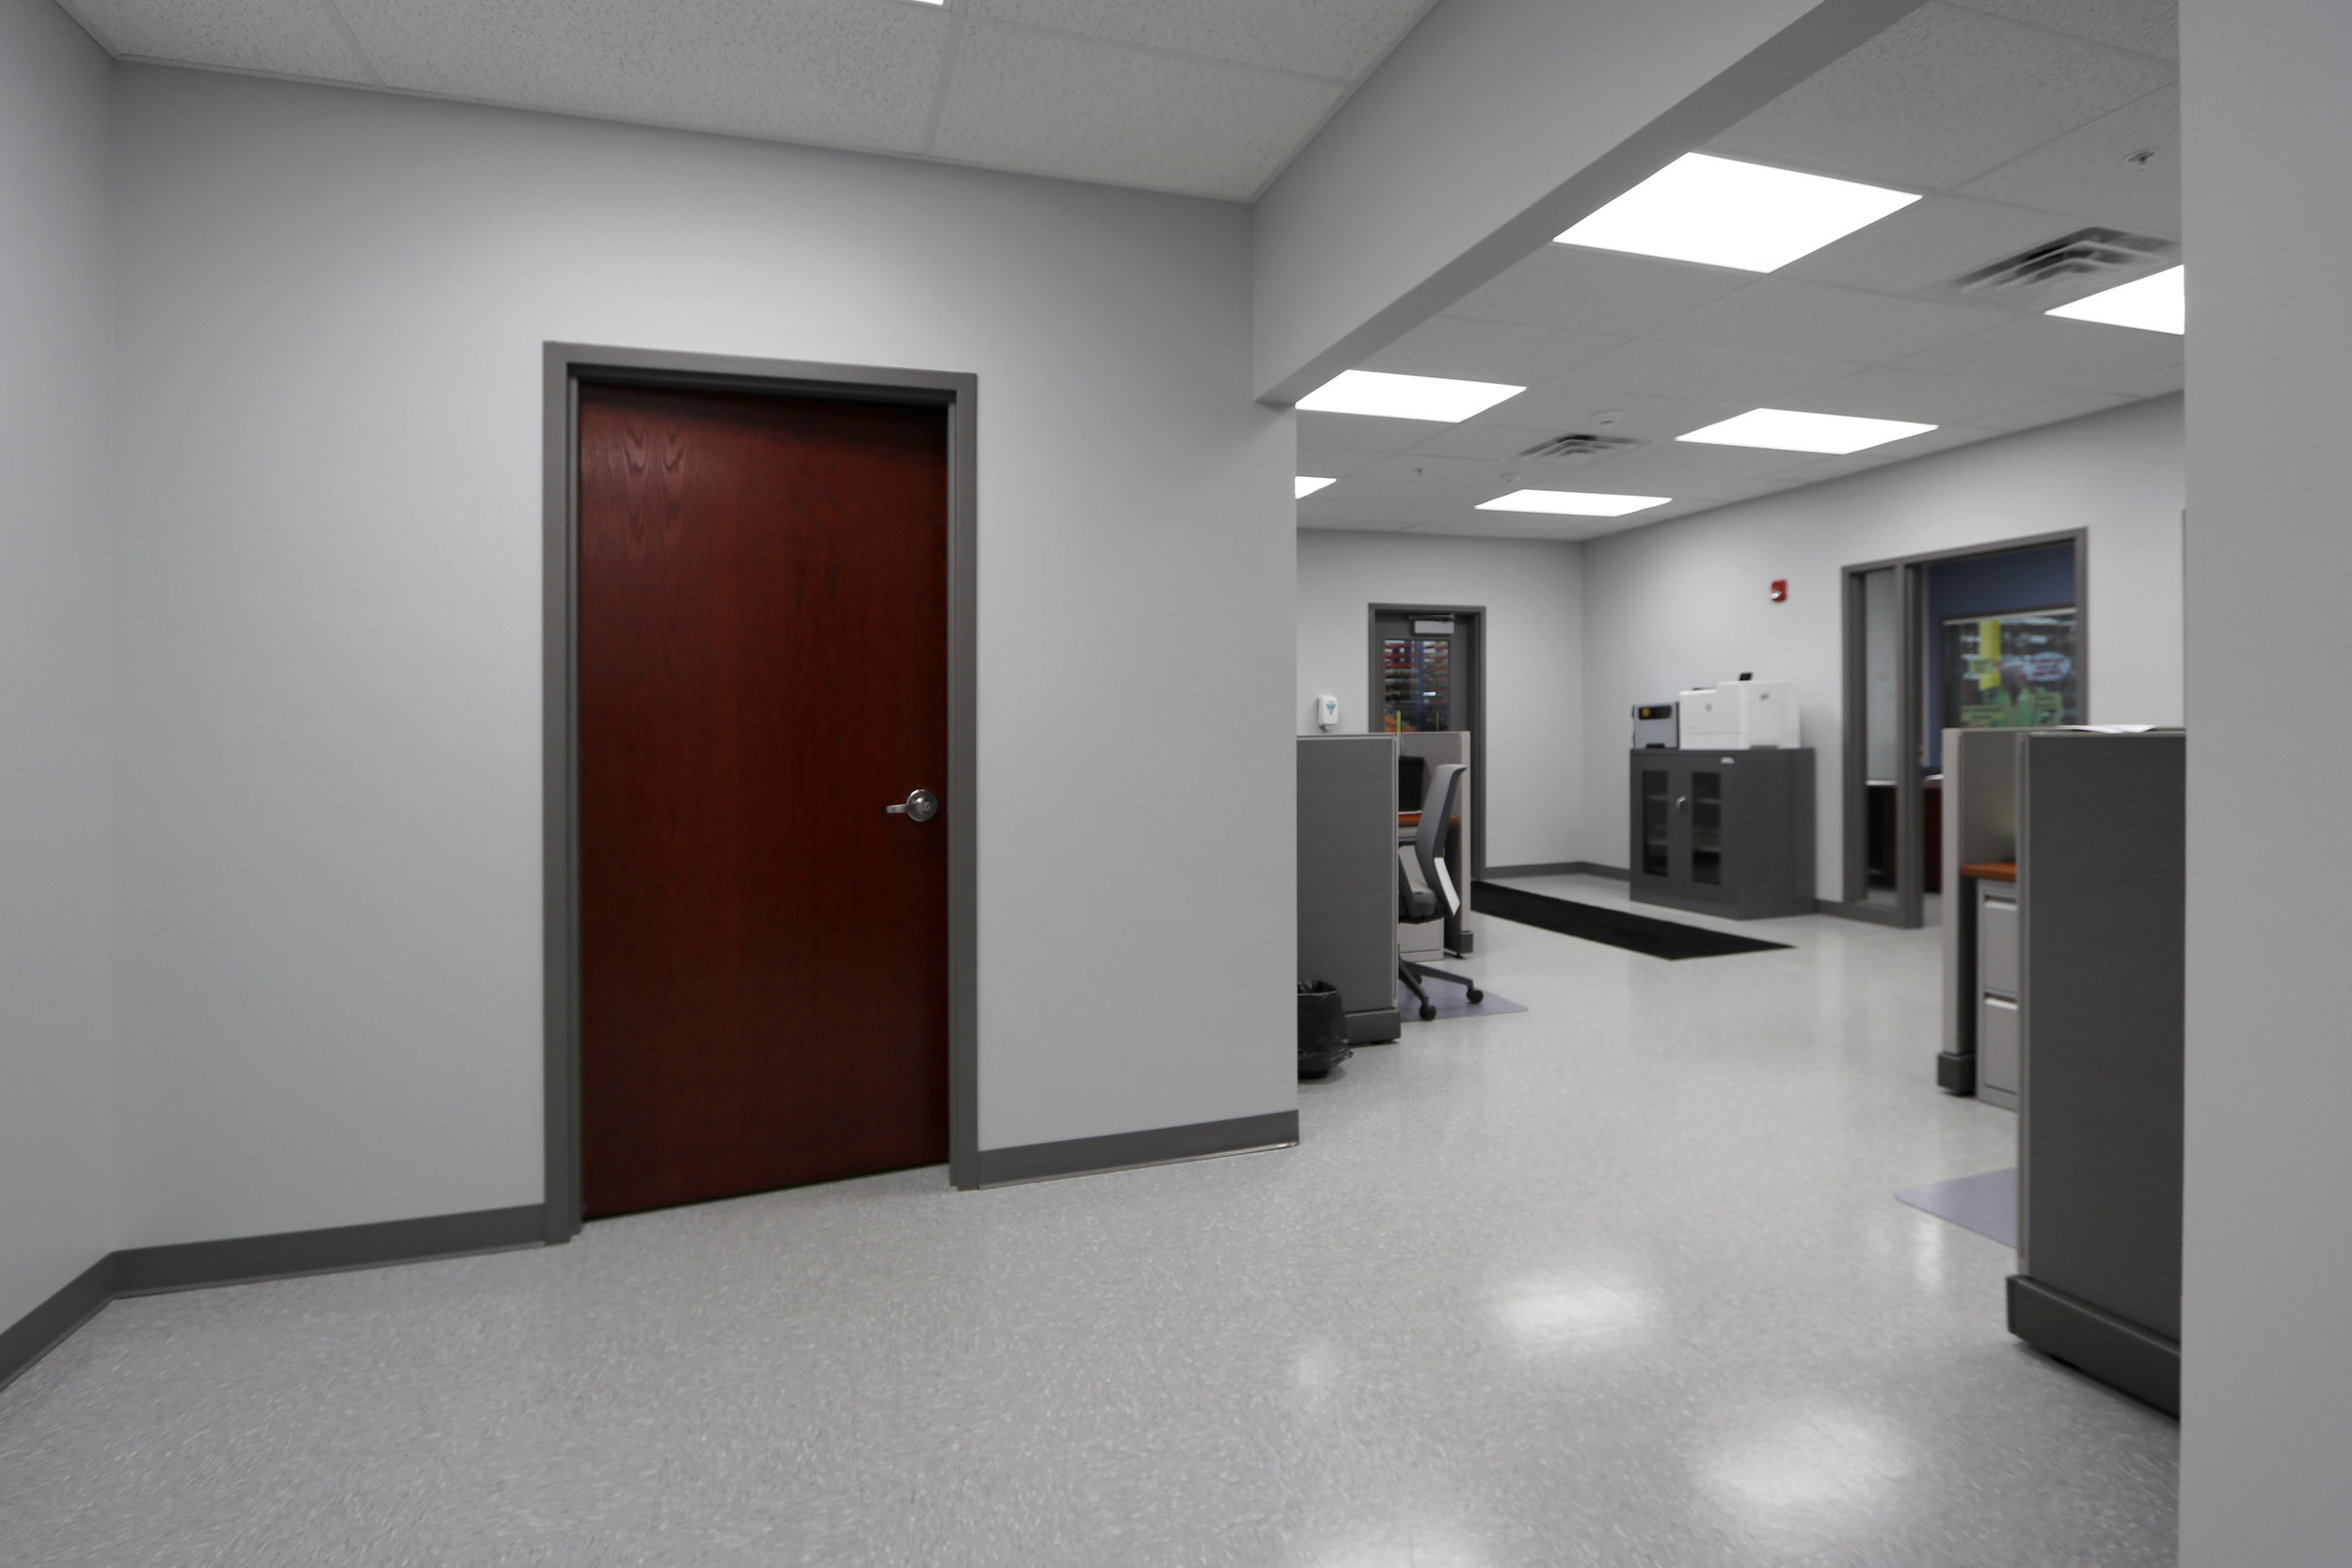 ThyssenKrupp Office Space.jpg